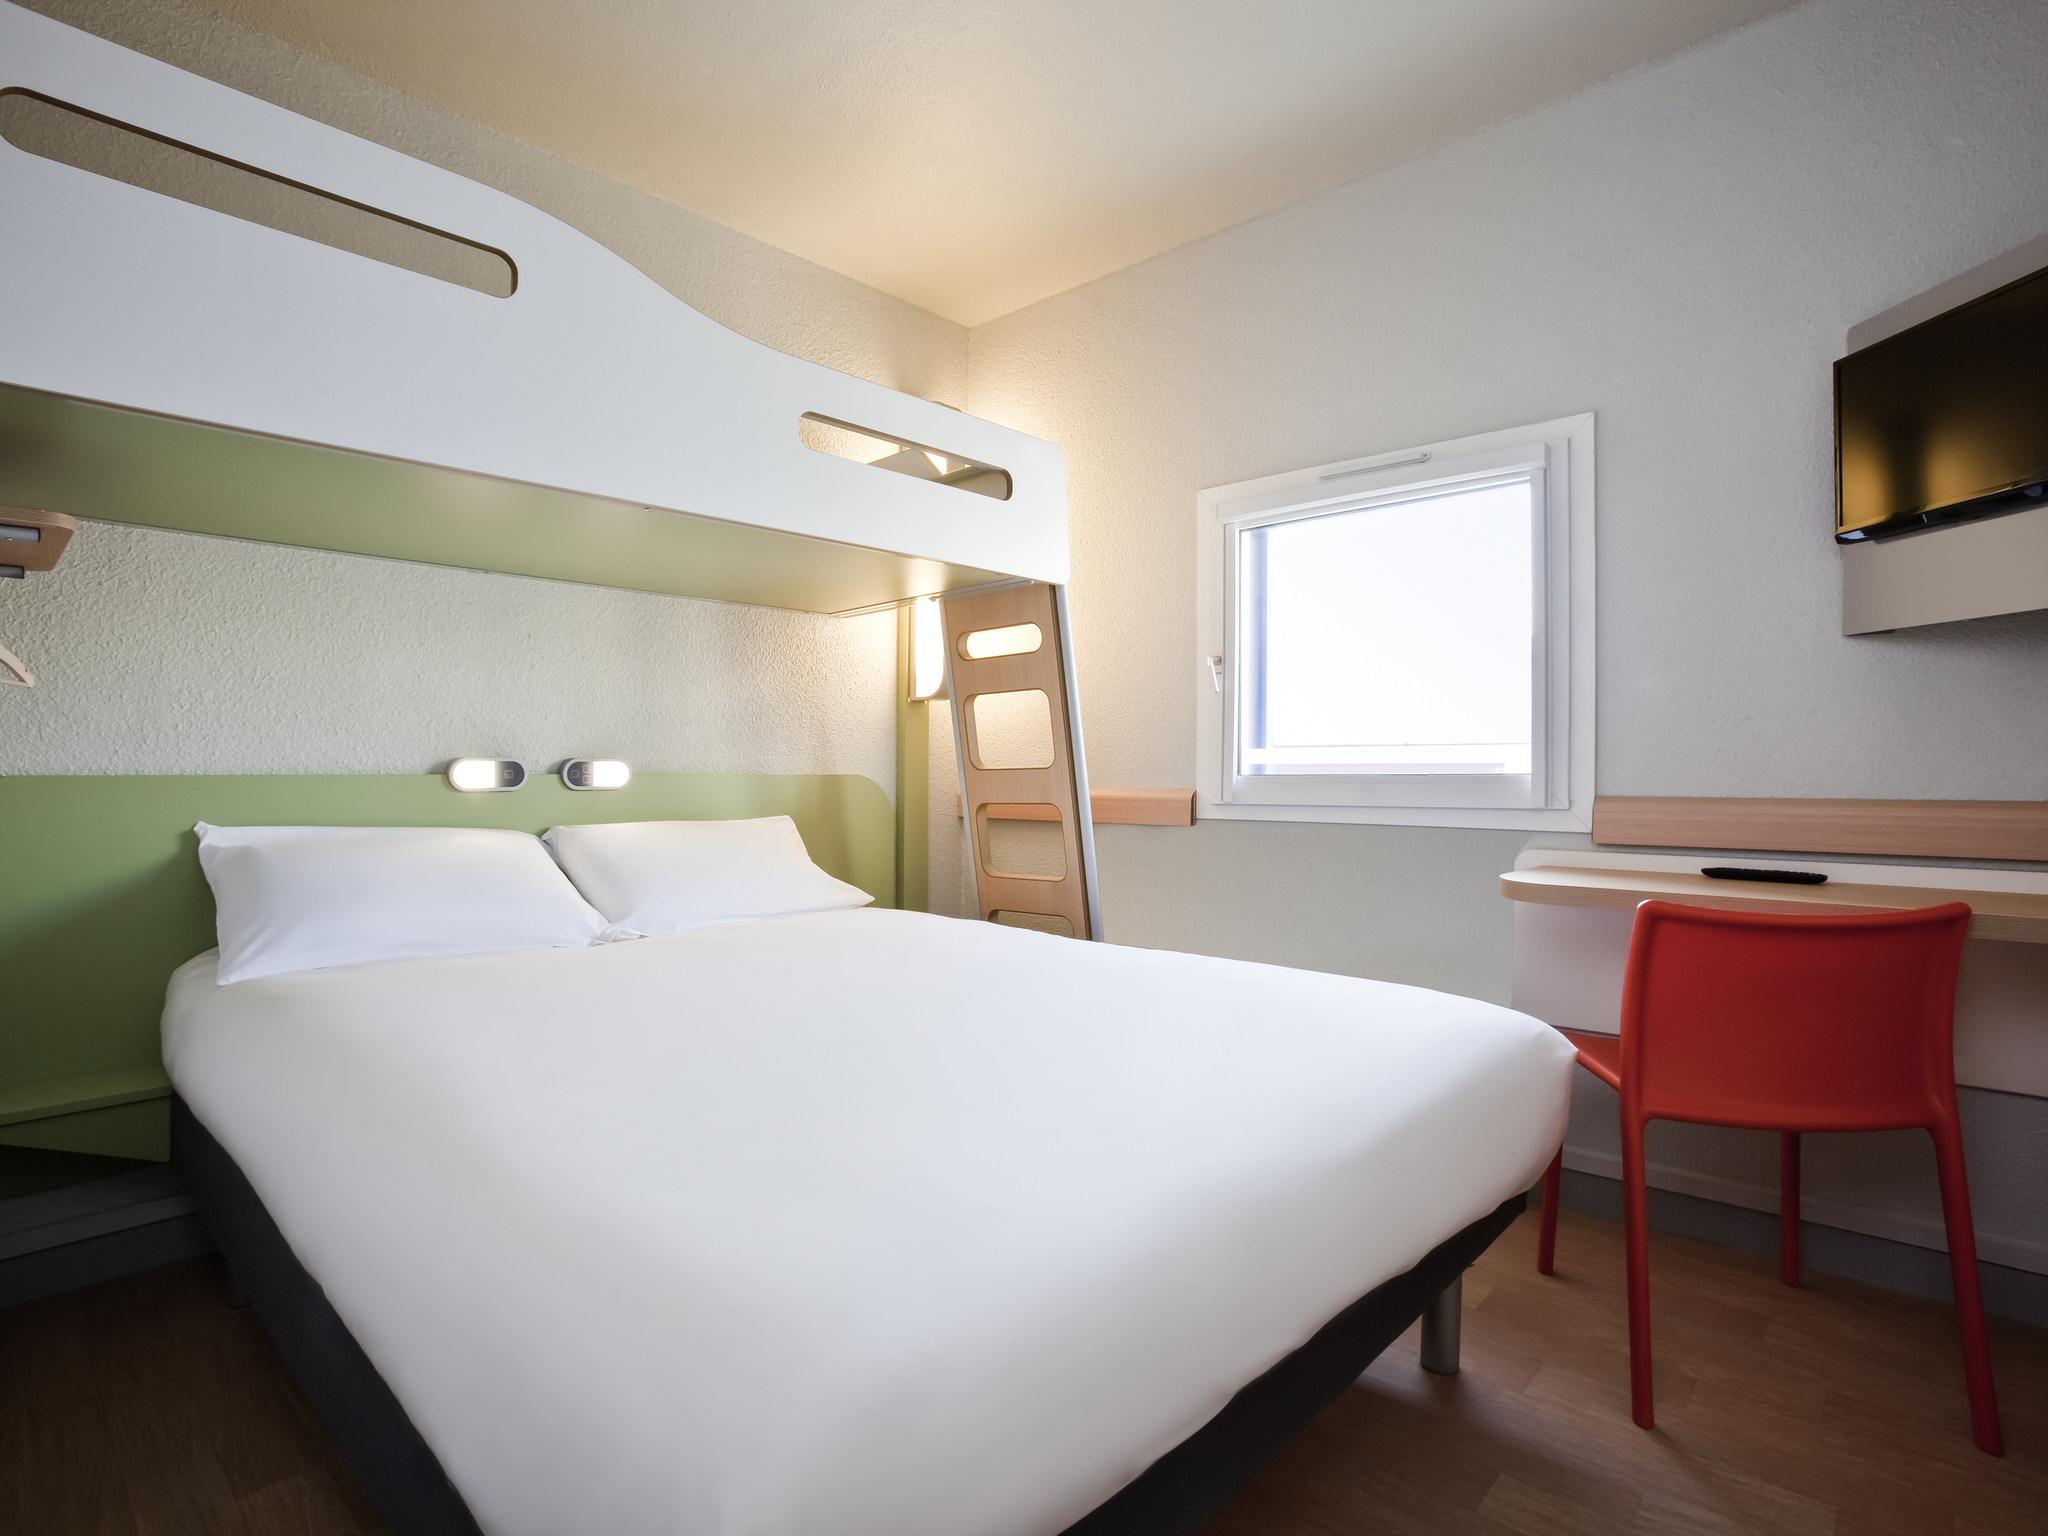 ホテル – ibis budget Pontault-Combault RN4 Marne-la-Vallée